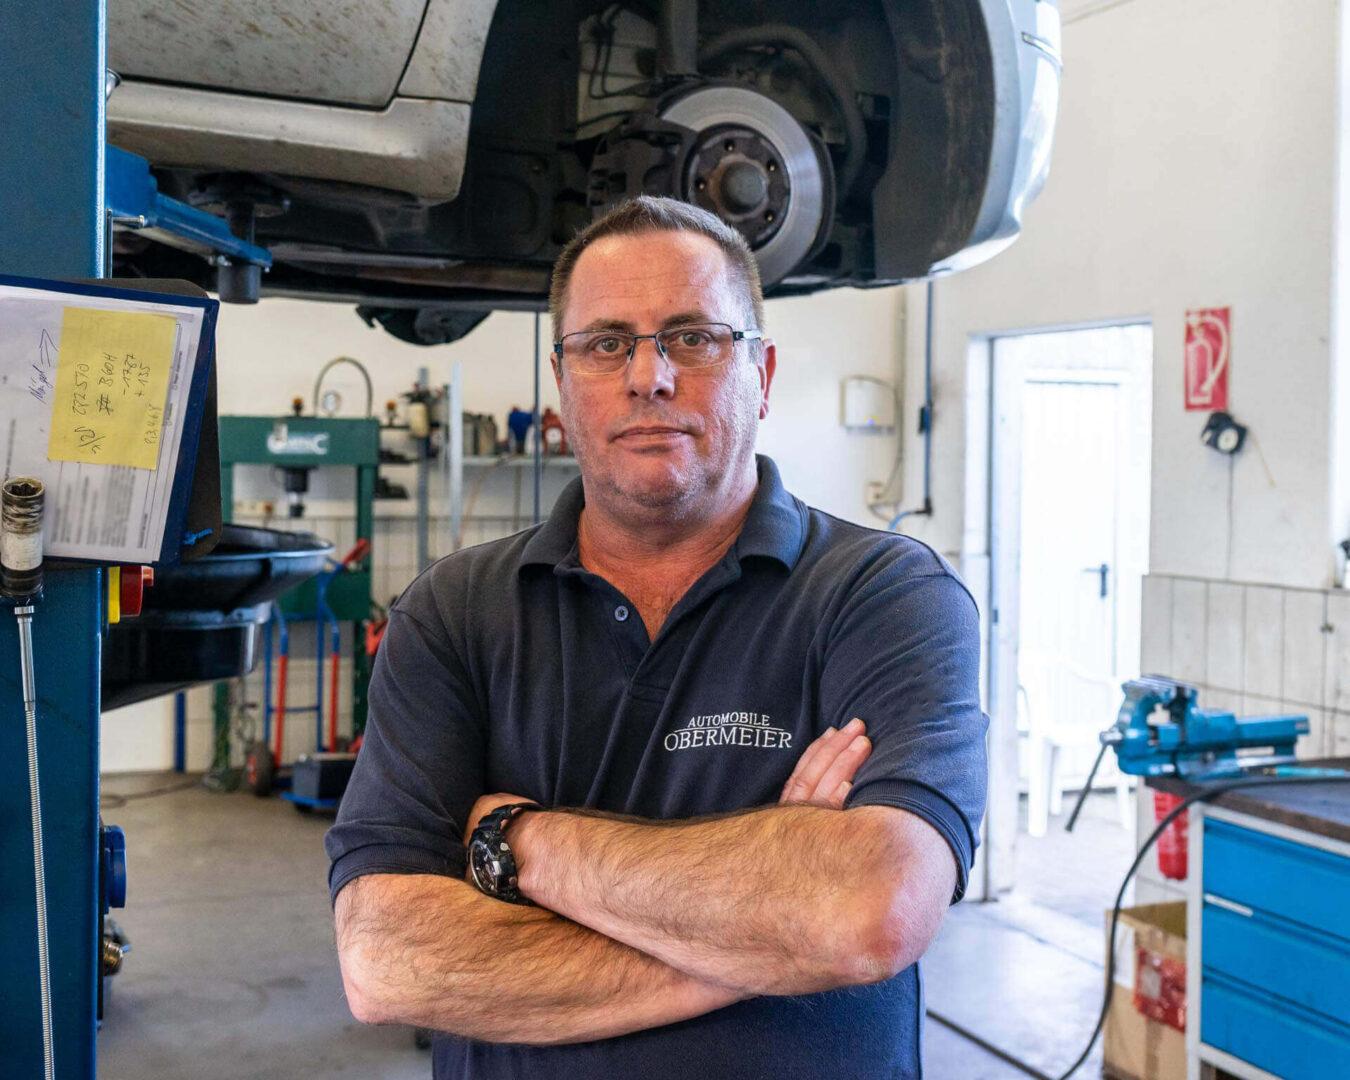 Marc Klein aus der Werkstatt von Automobile Obermeier aus Meckenheim